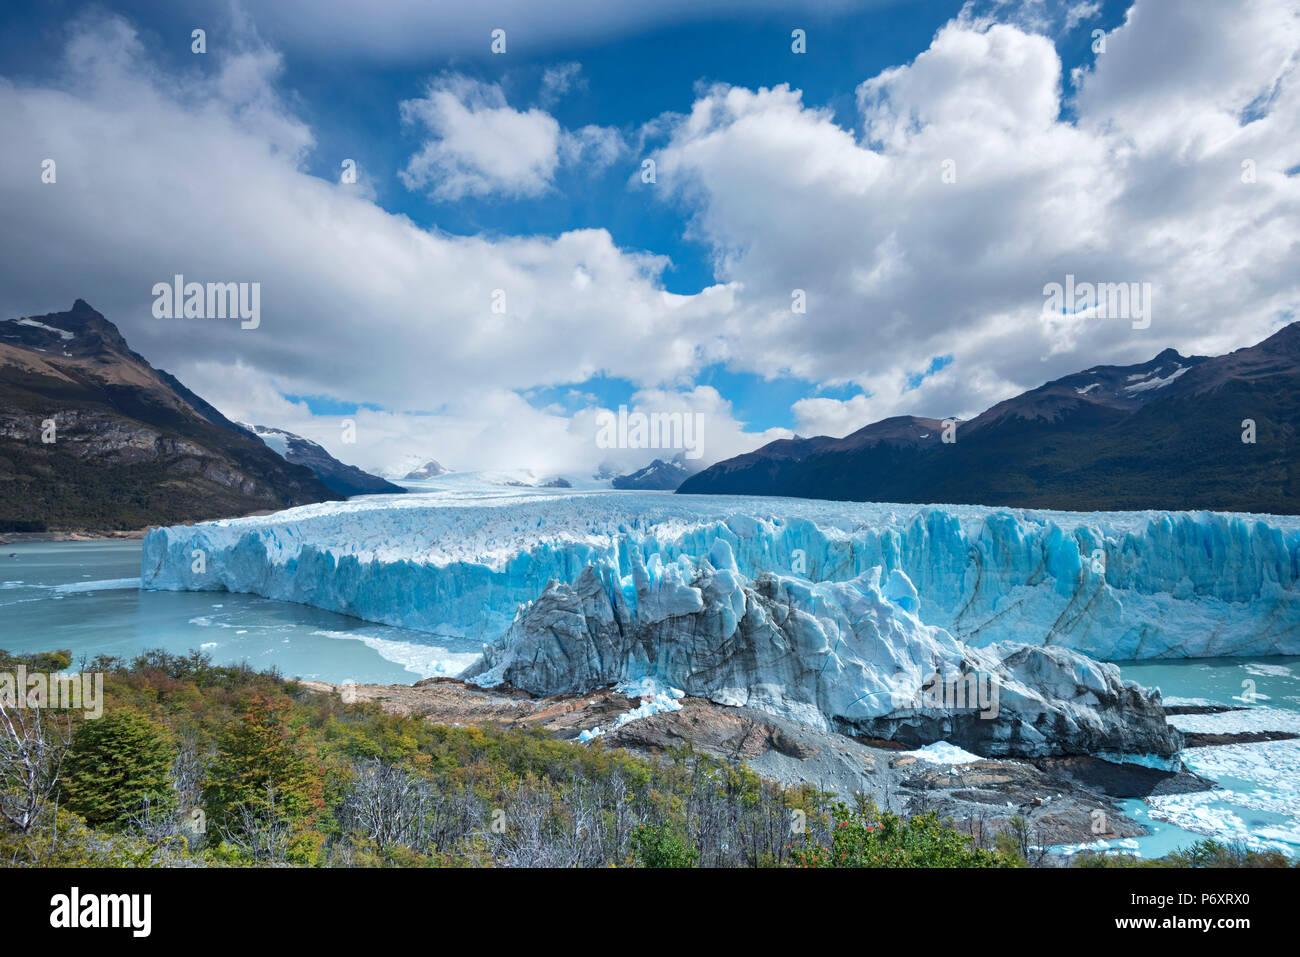 South America, Patagonia, Argentina, Santa Cruz, El Calafate, Los Glaciares, National Park, Perito Moreno glacier - Stock Image